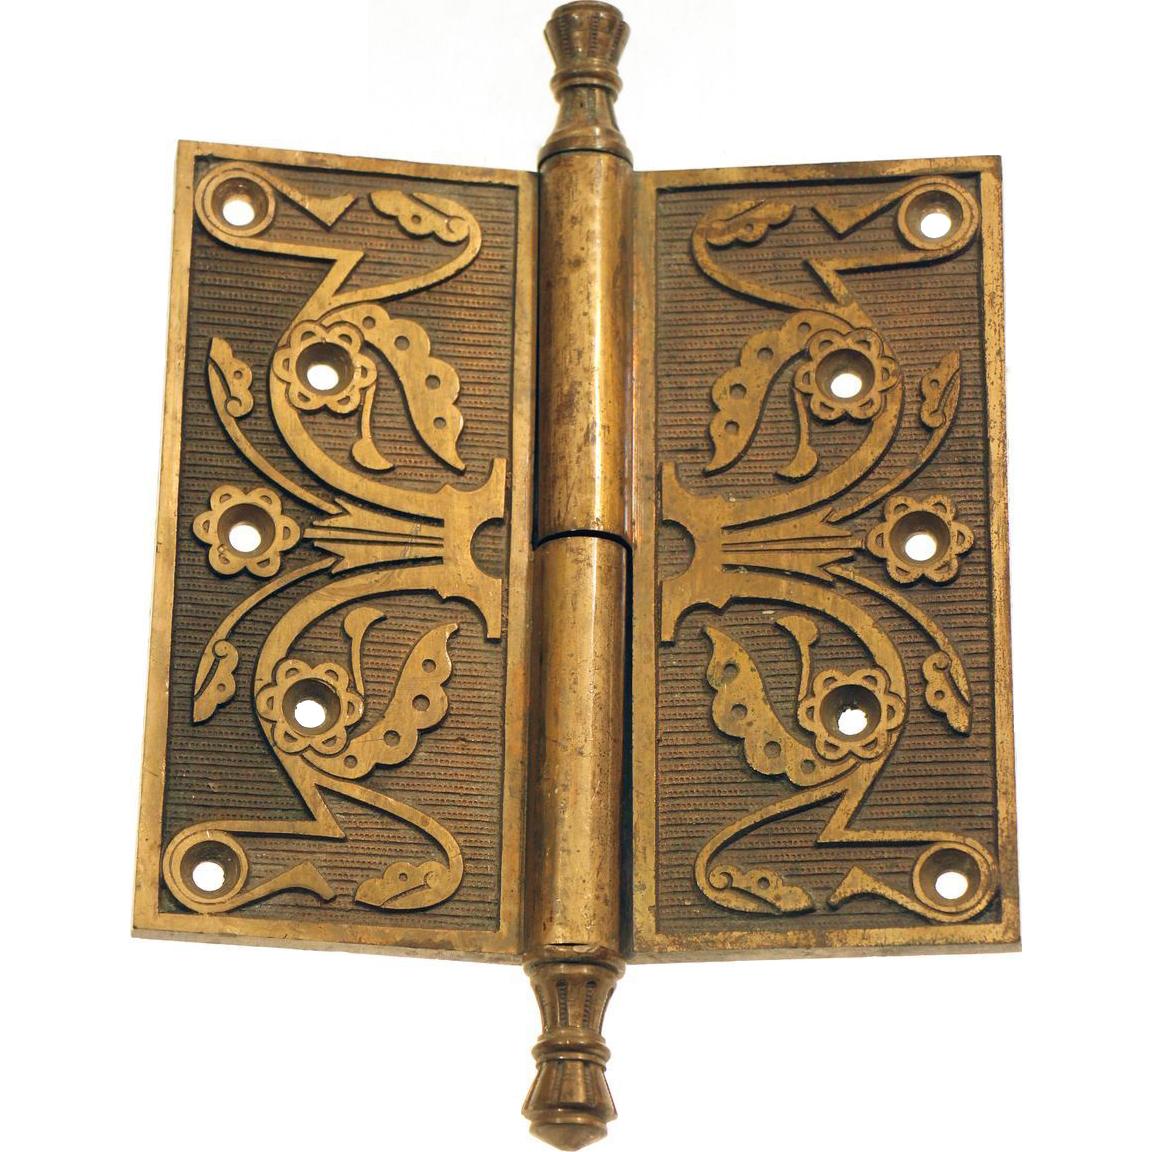 Solid brass ornate Eastlake pintel hinge